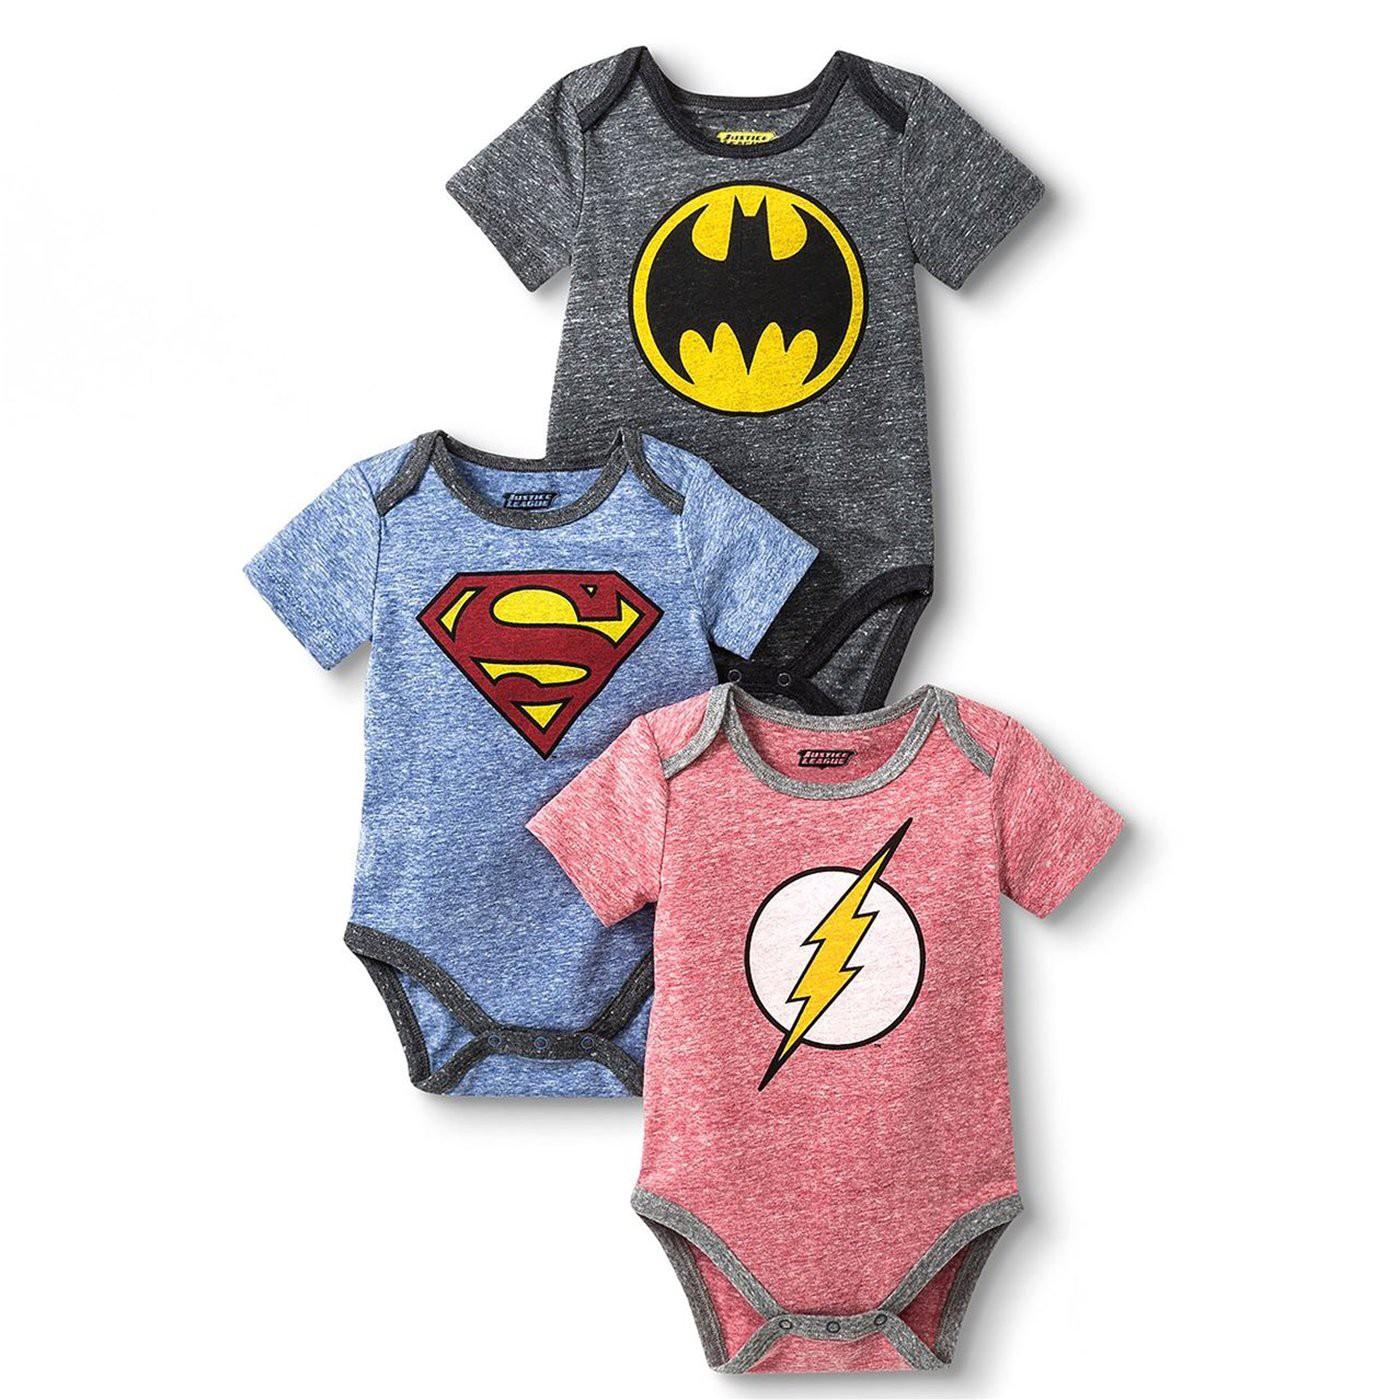 Justice League 3-Pack Infant Bodysuit Set